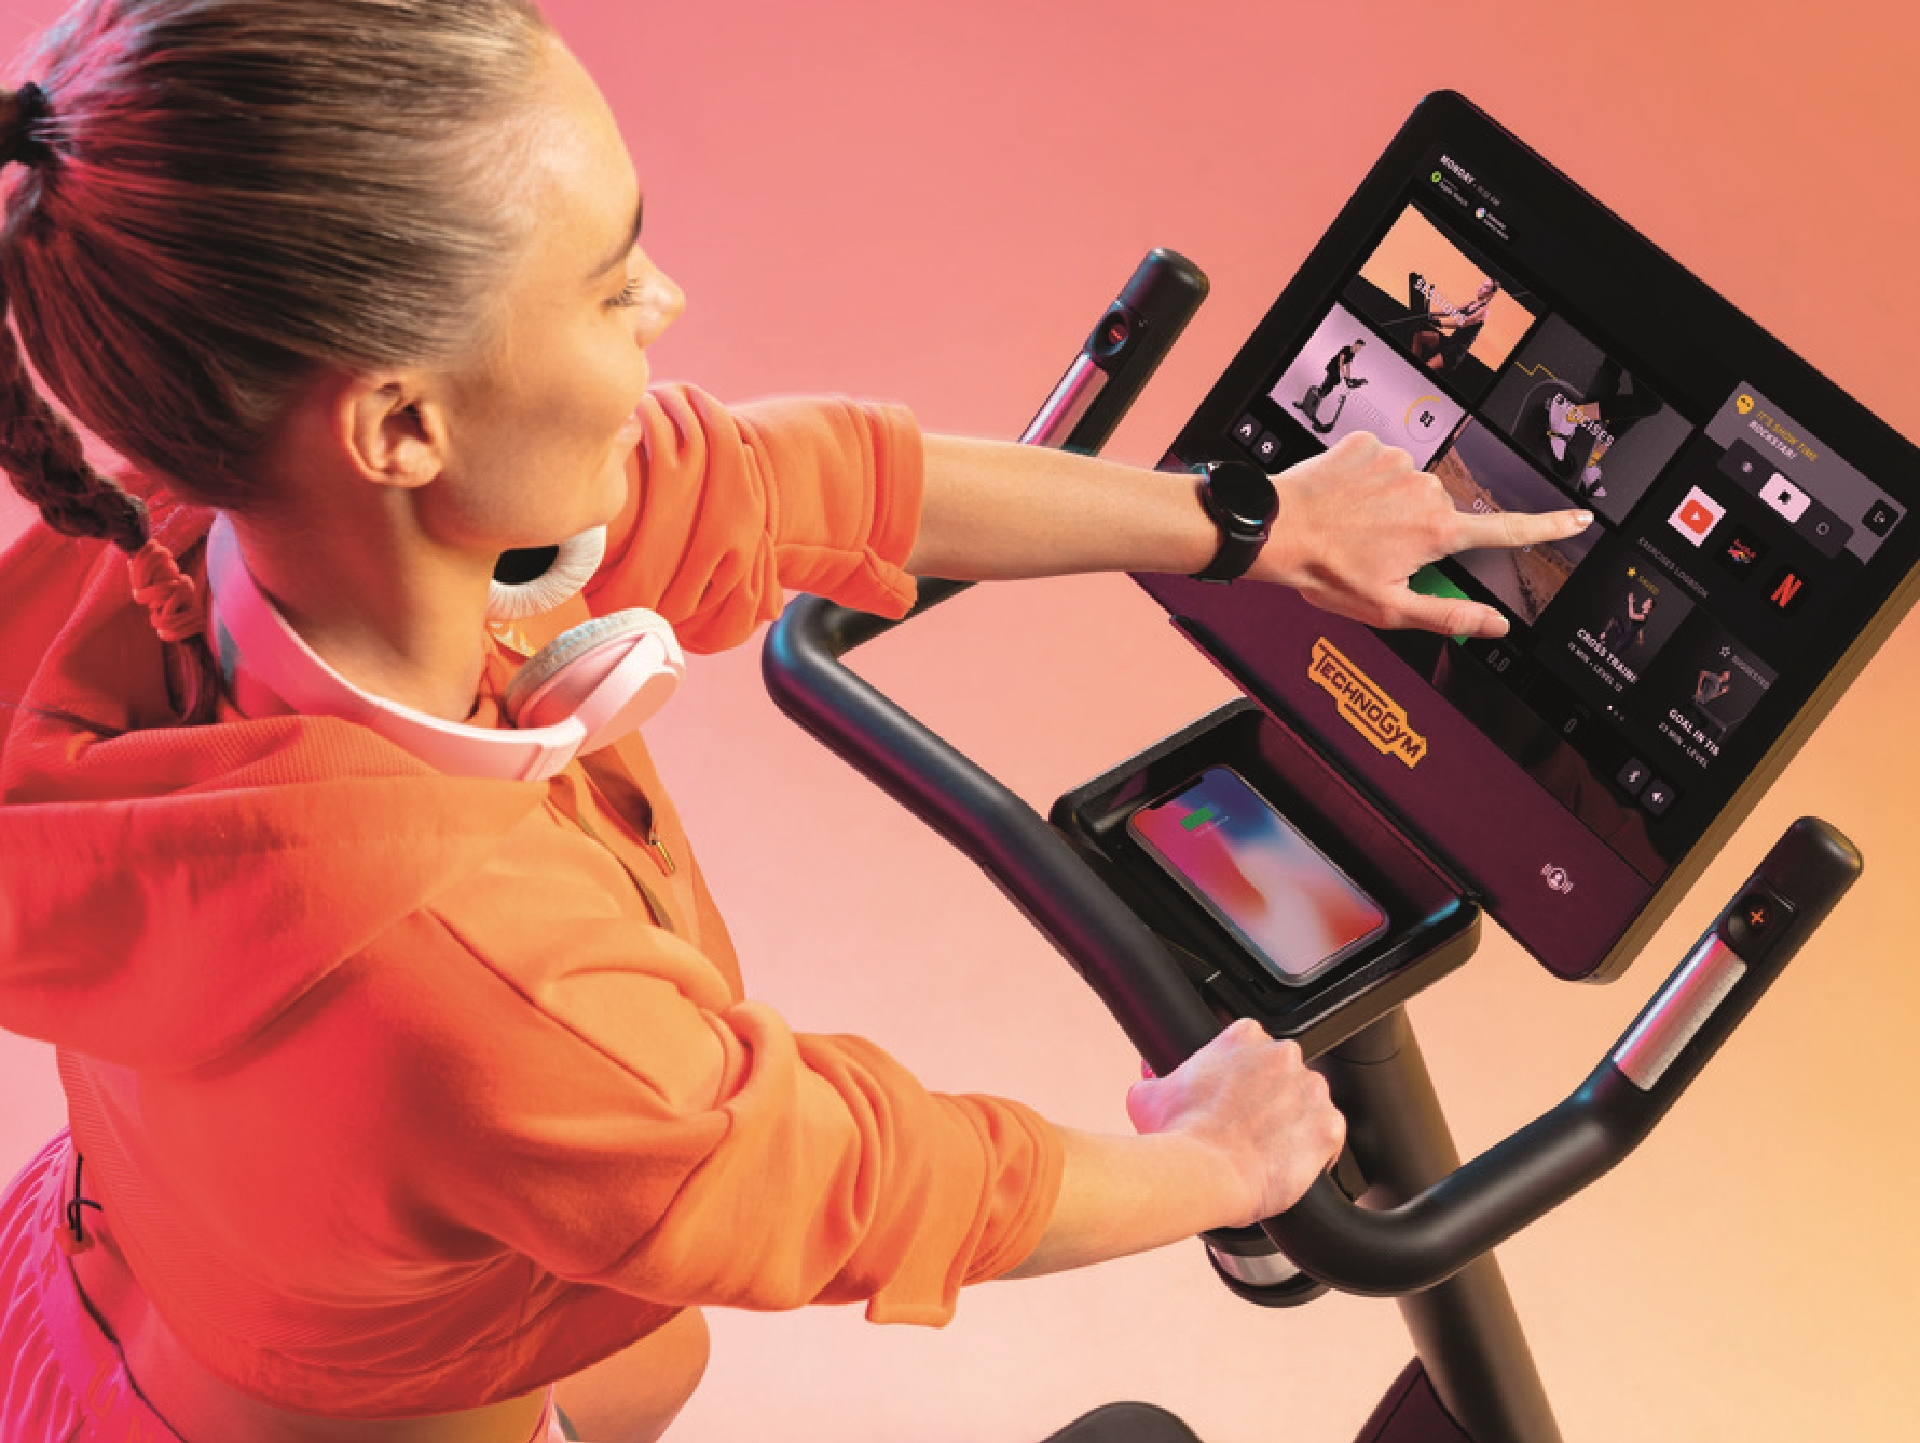 L'equip de fitness rep els certificats de Technogym